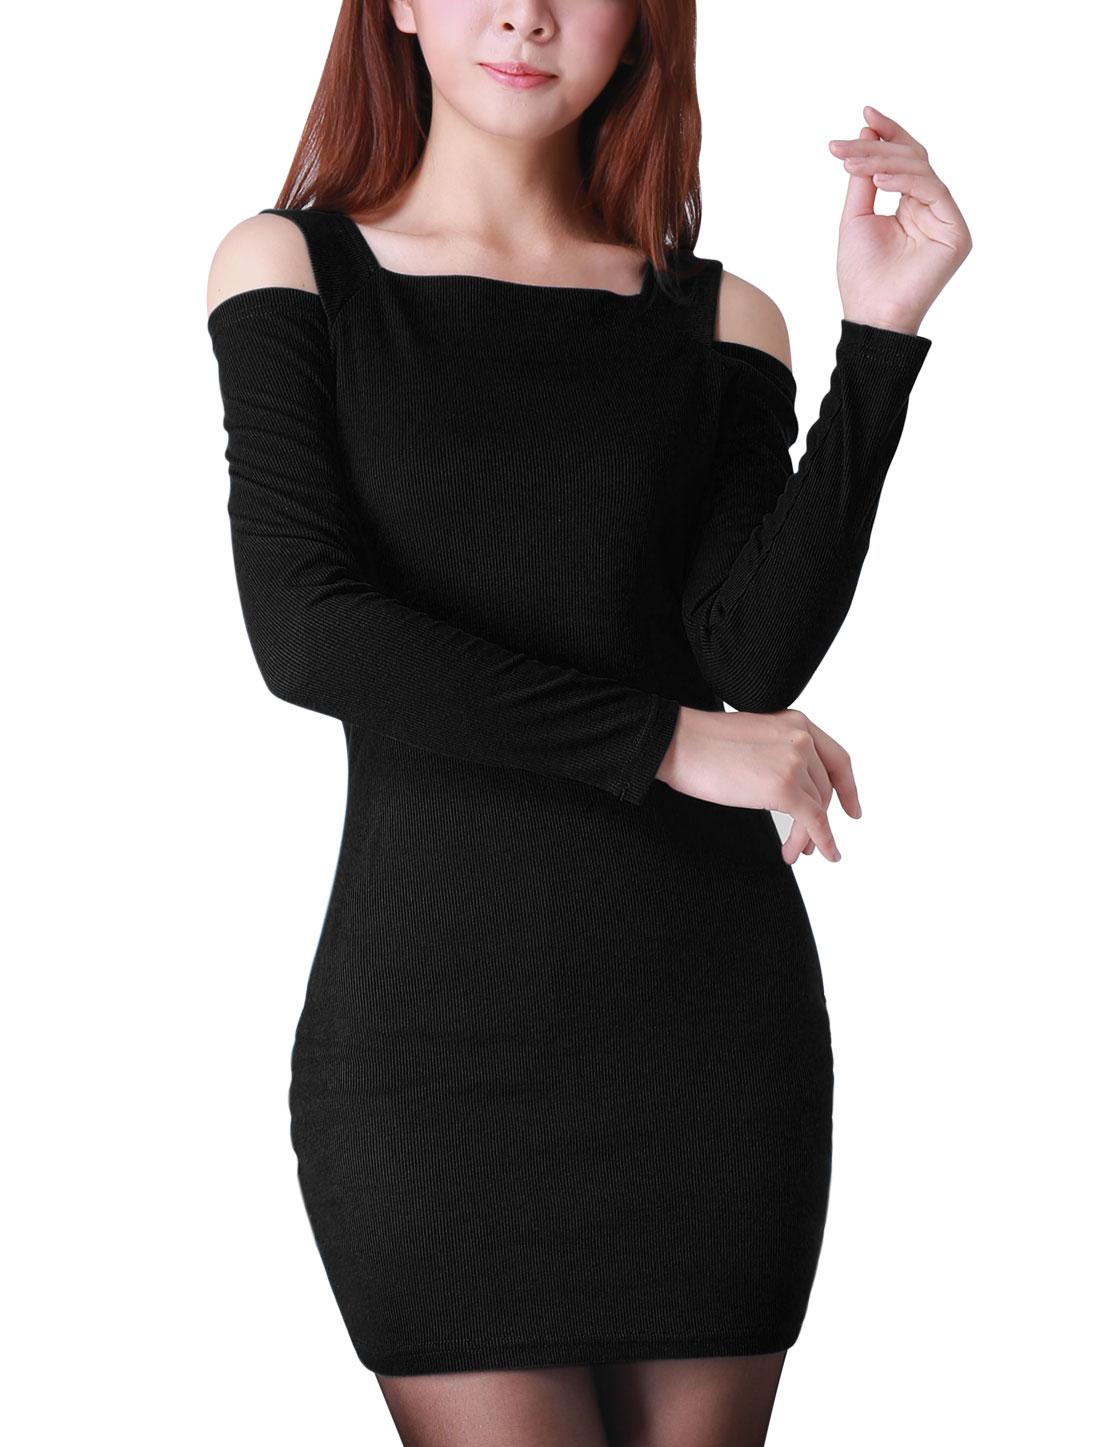 Ladies Black Square Neckline Cut Out Shoulders Stretchy Mini Dress XS